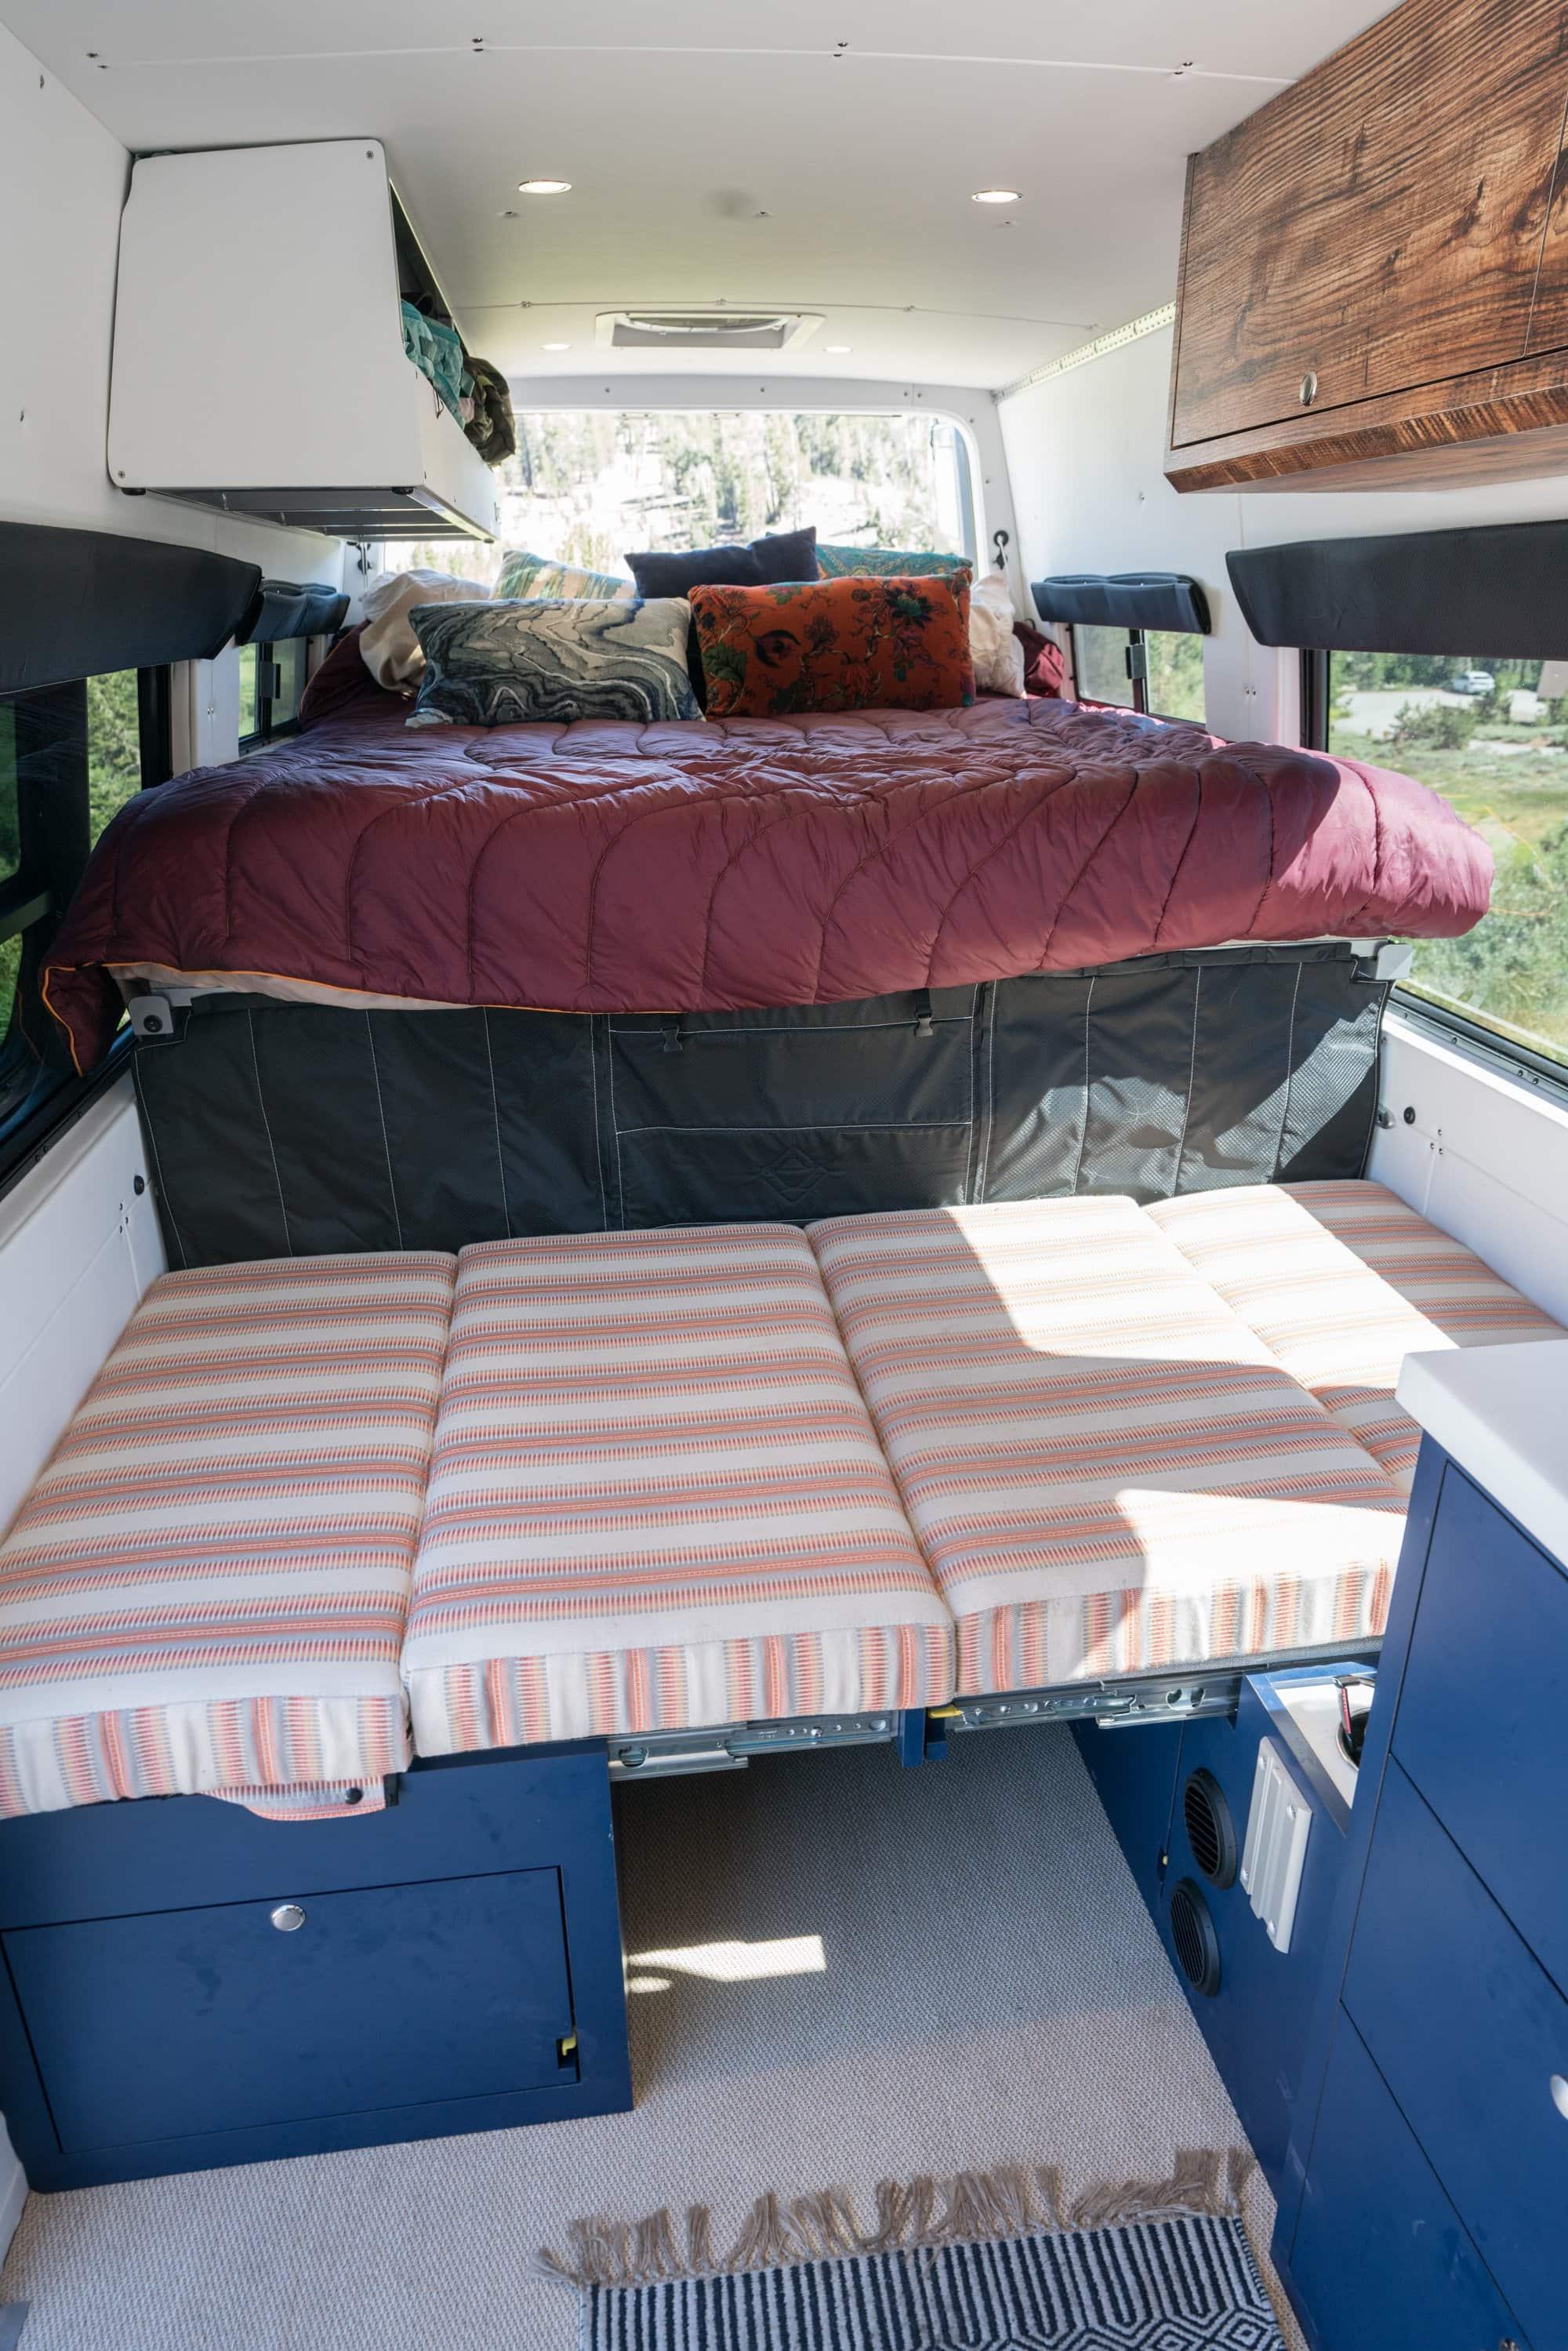 Sprinter Van dinette built by Outside Van